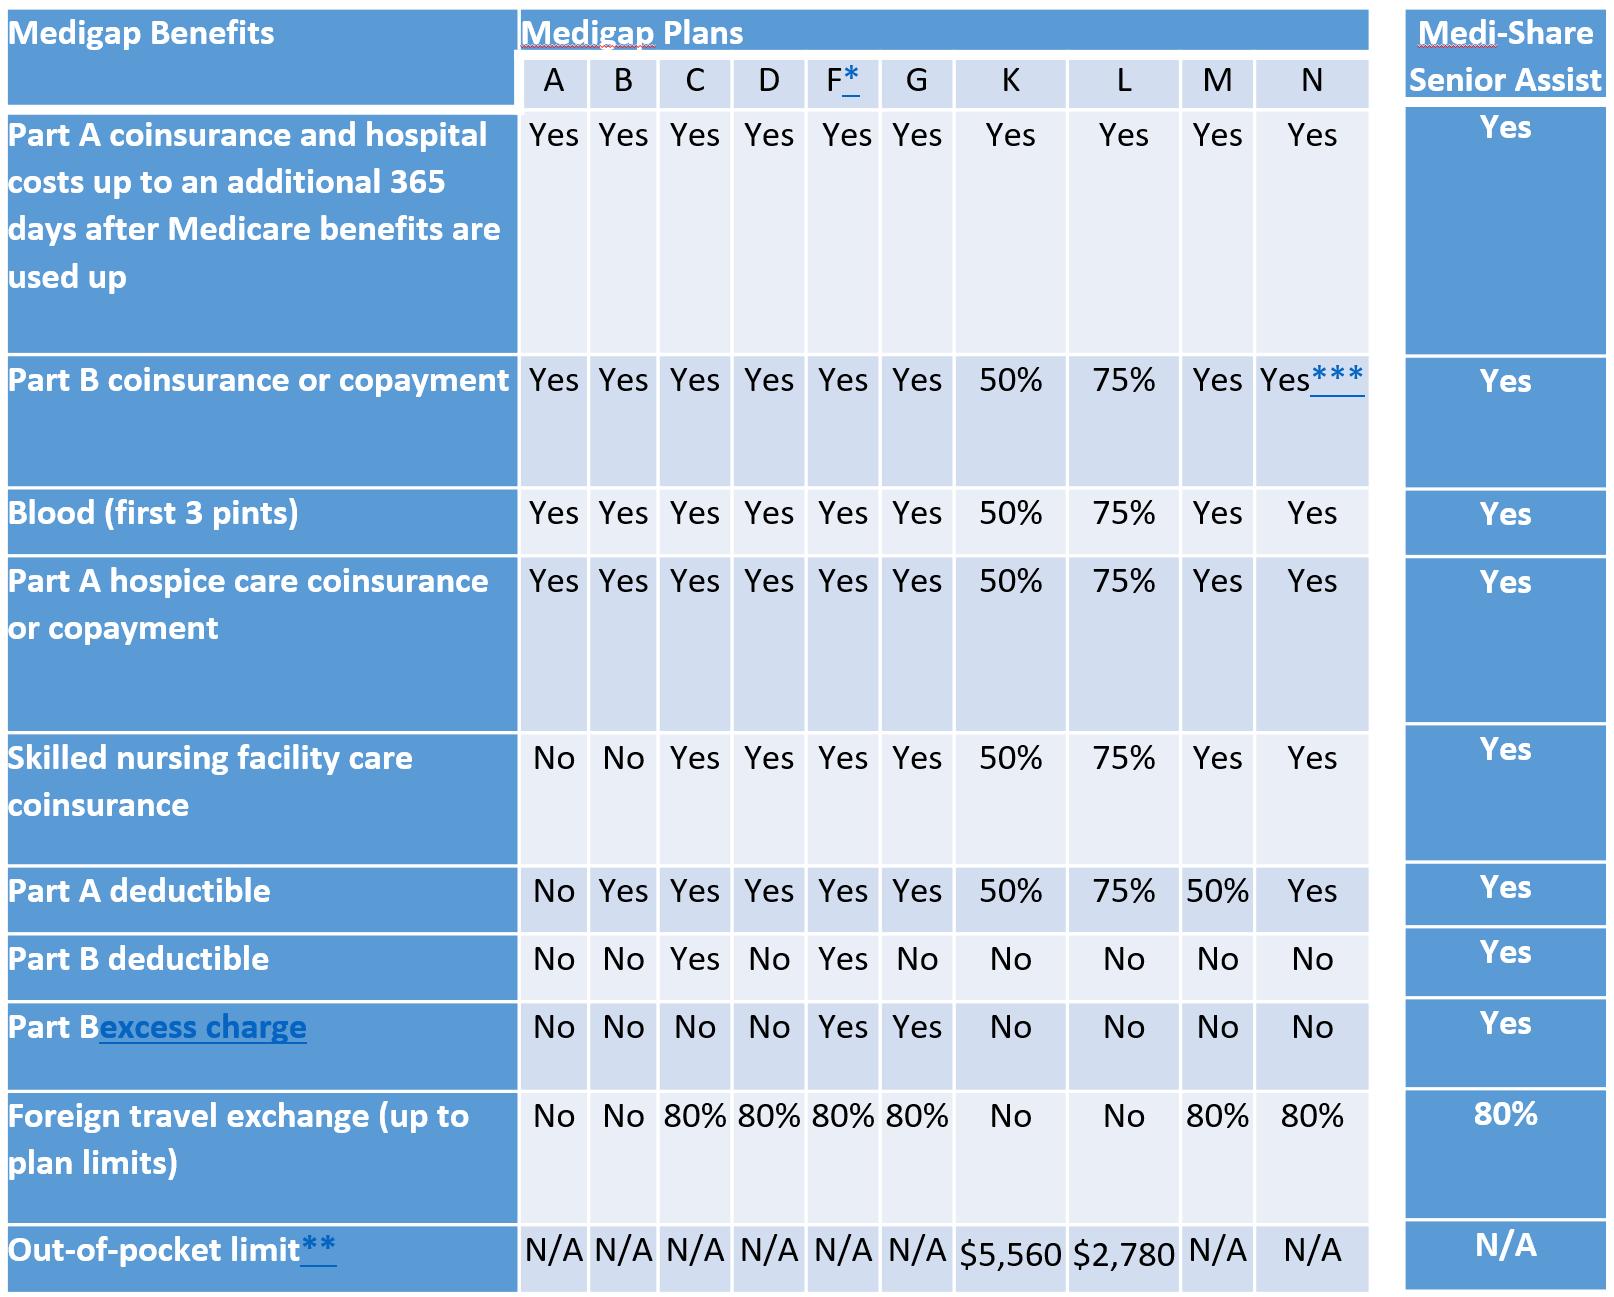 Medigap vs Senior Assist